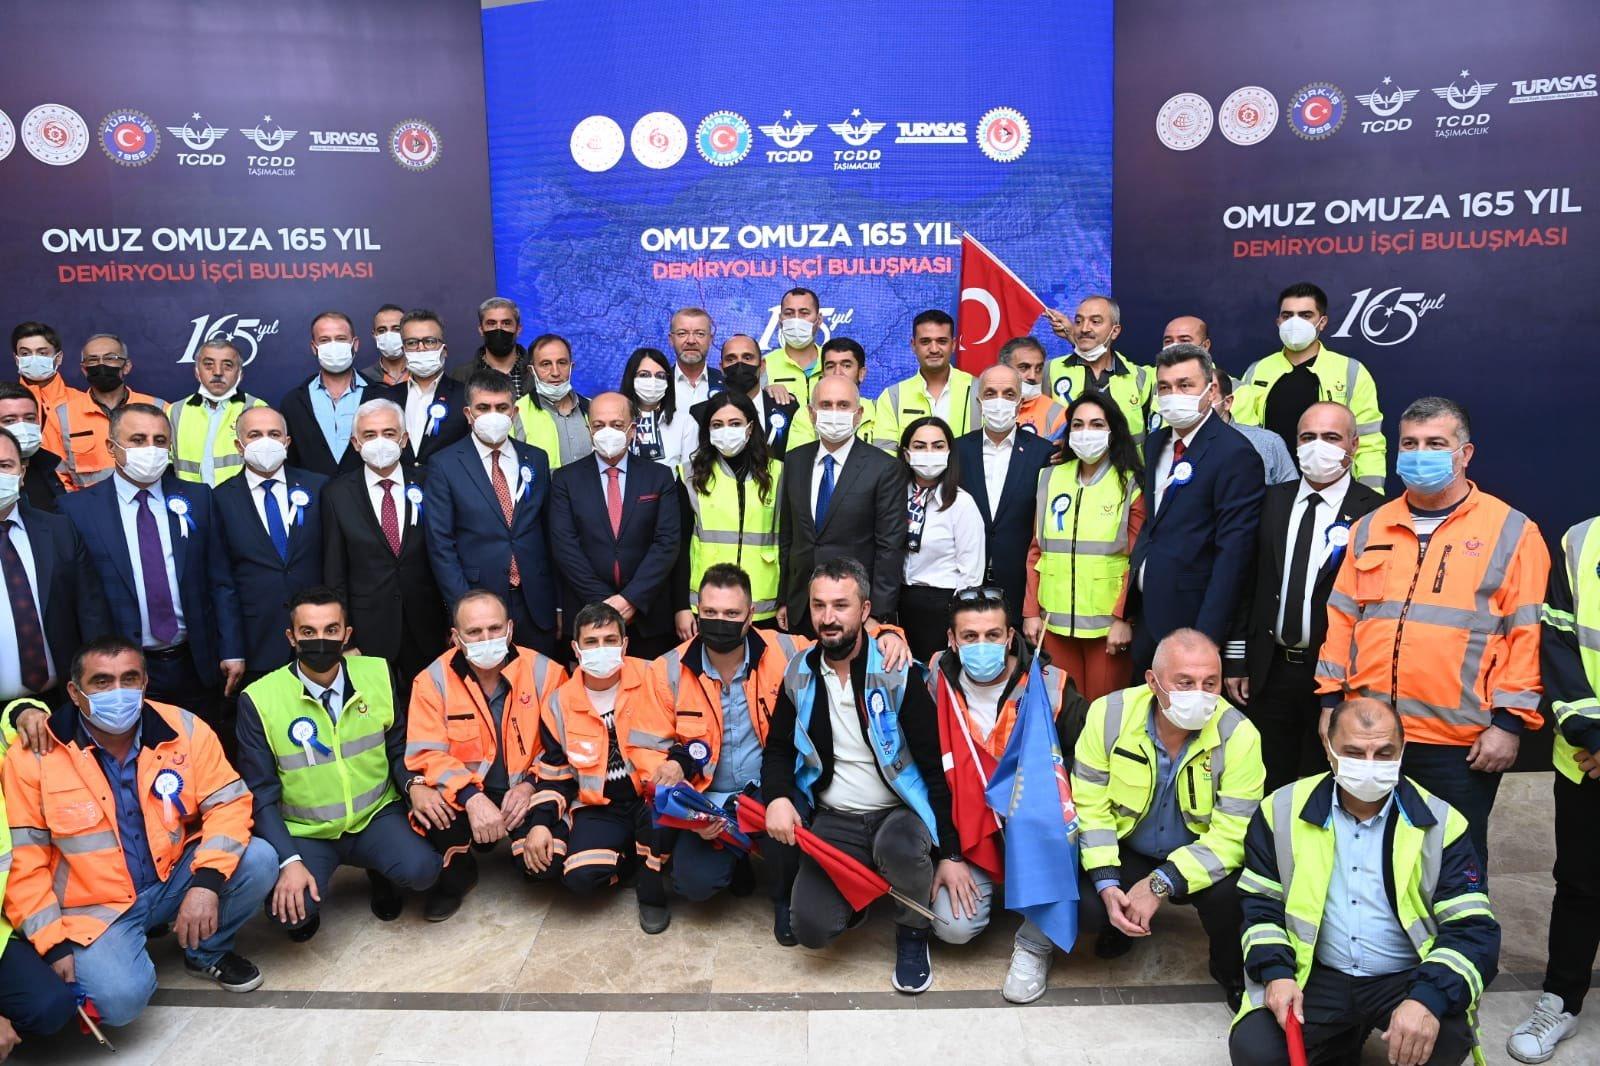 #Omuz Omuza 165Yıl TCDD İşçi Buluşması #video